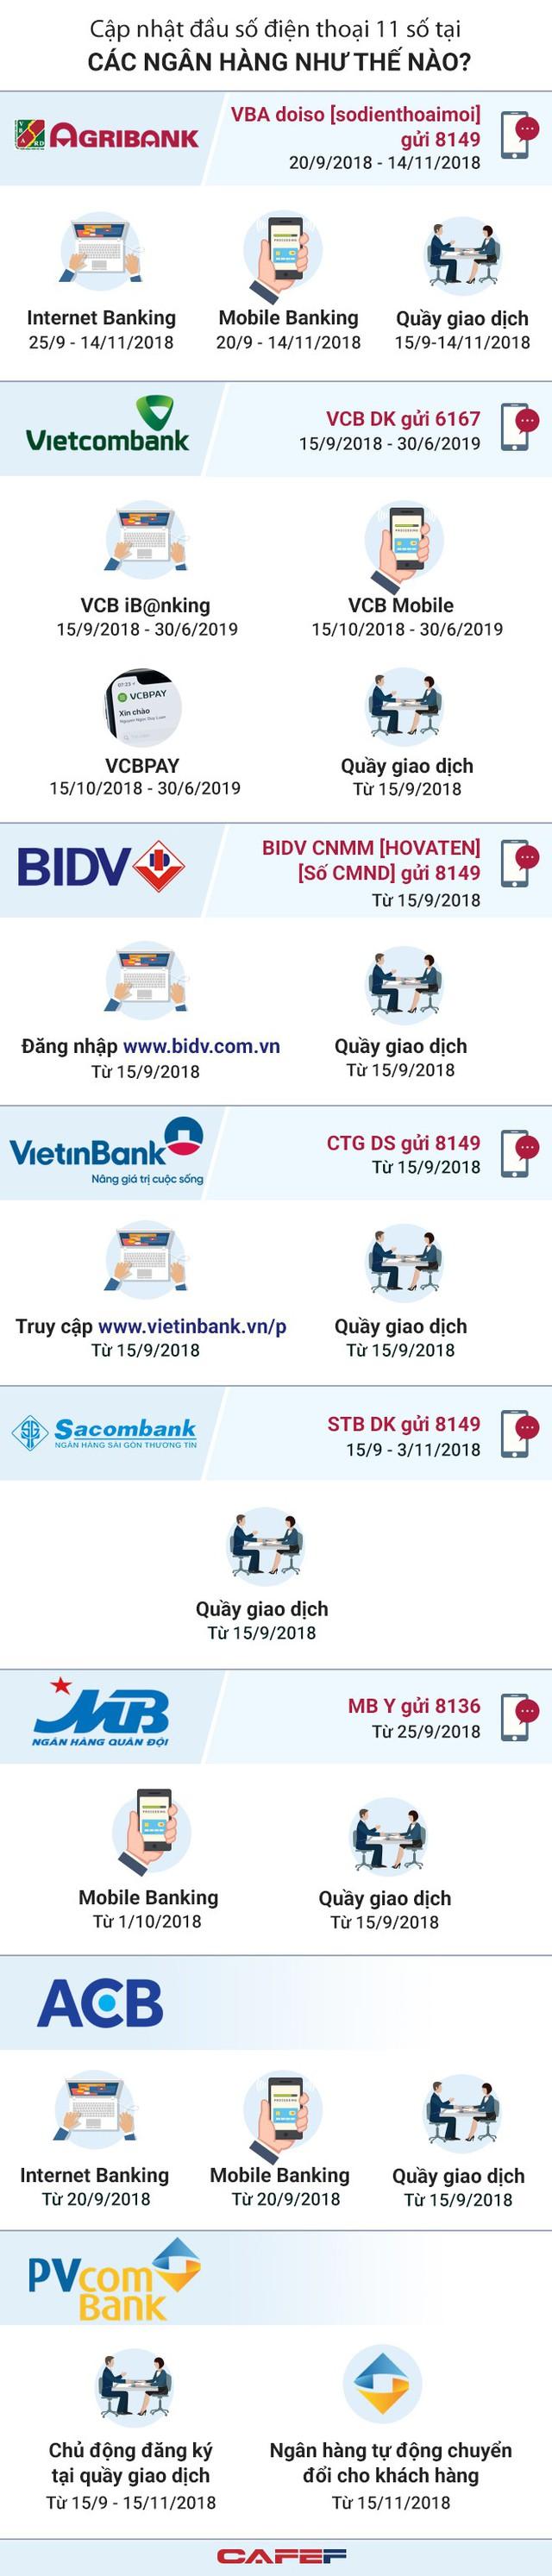 [Infographic] Cập nhật đầu số tel ở những ngân hàng như thế nào? - Ảnh 1.